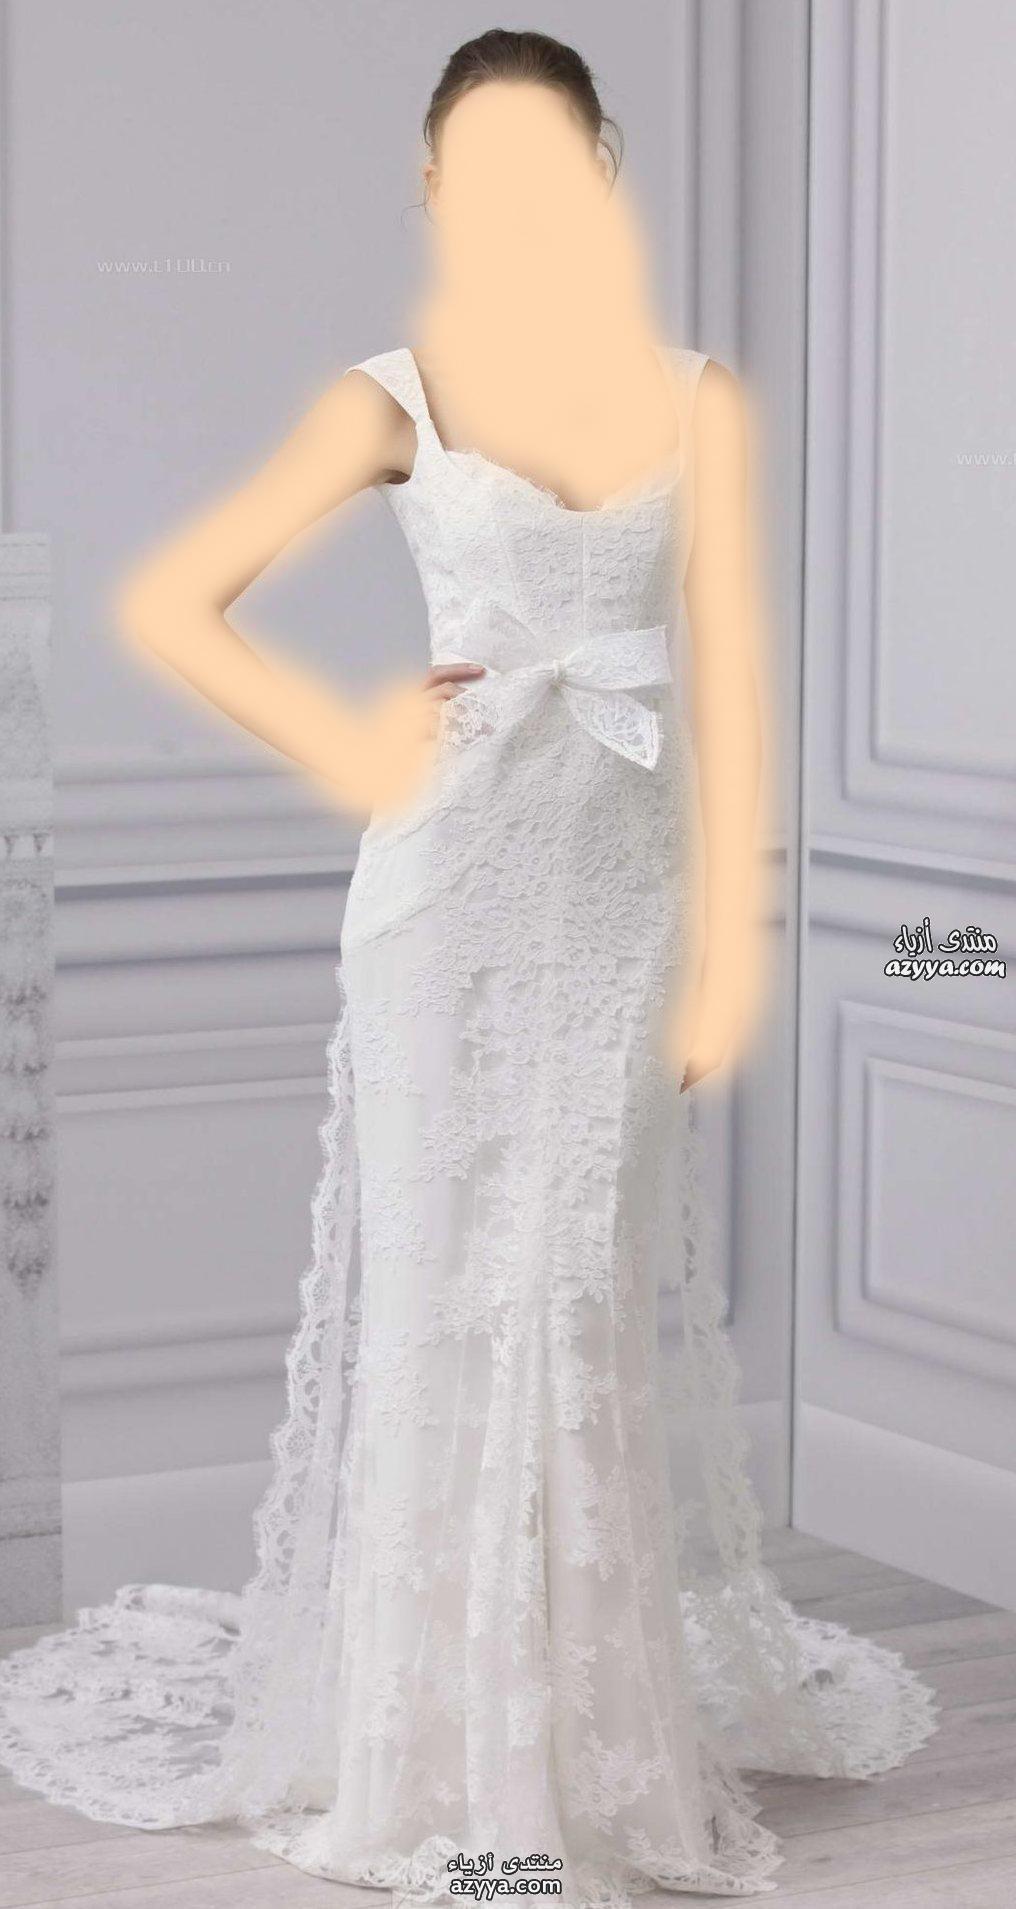 السهرة 2013فساتين جديدة لإطلالة أكثر شياكة وجمالفساتين افراح موديلات جديدة